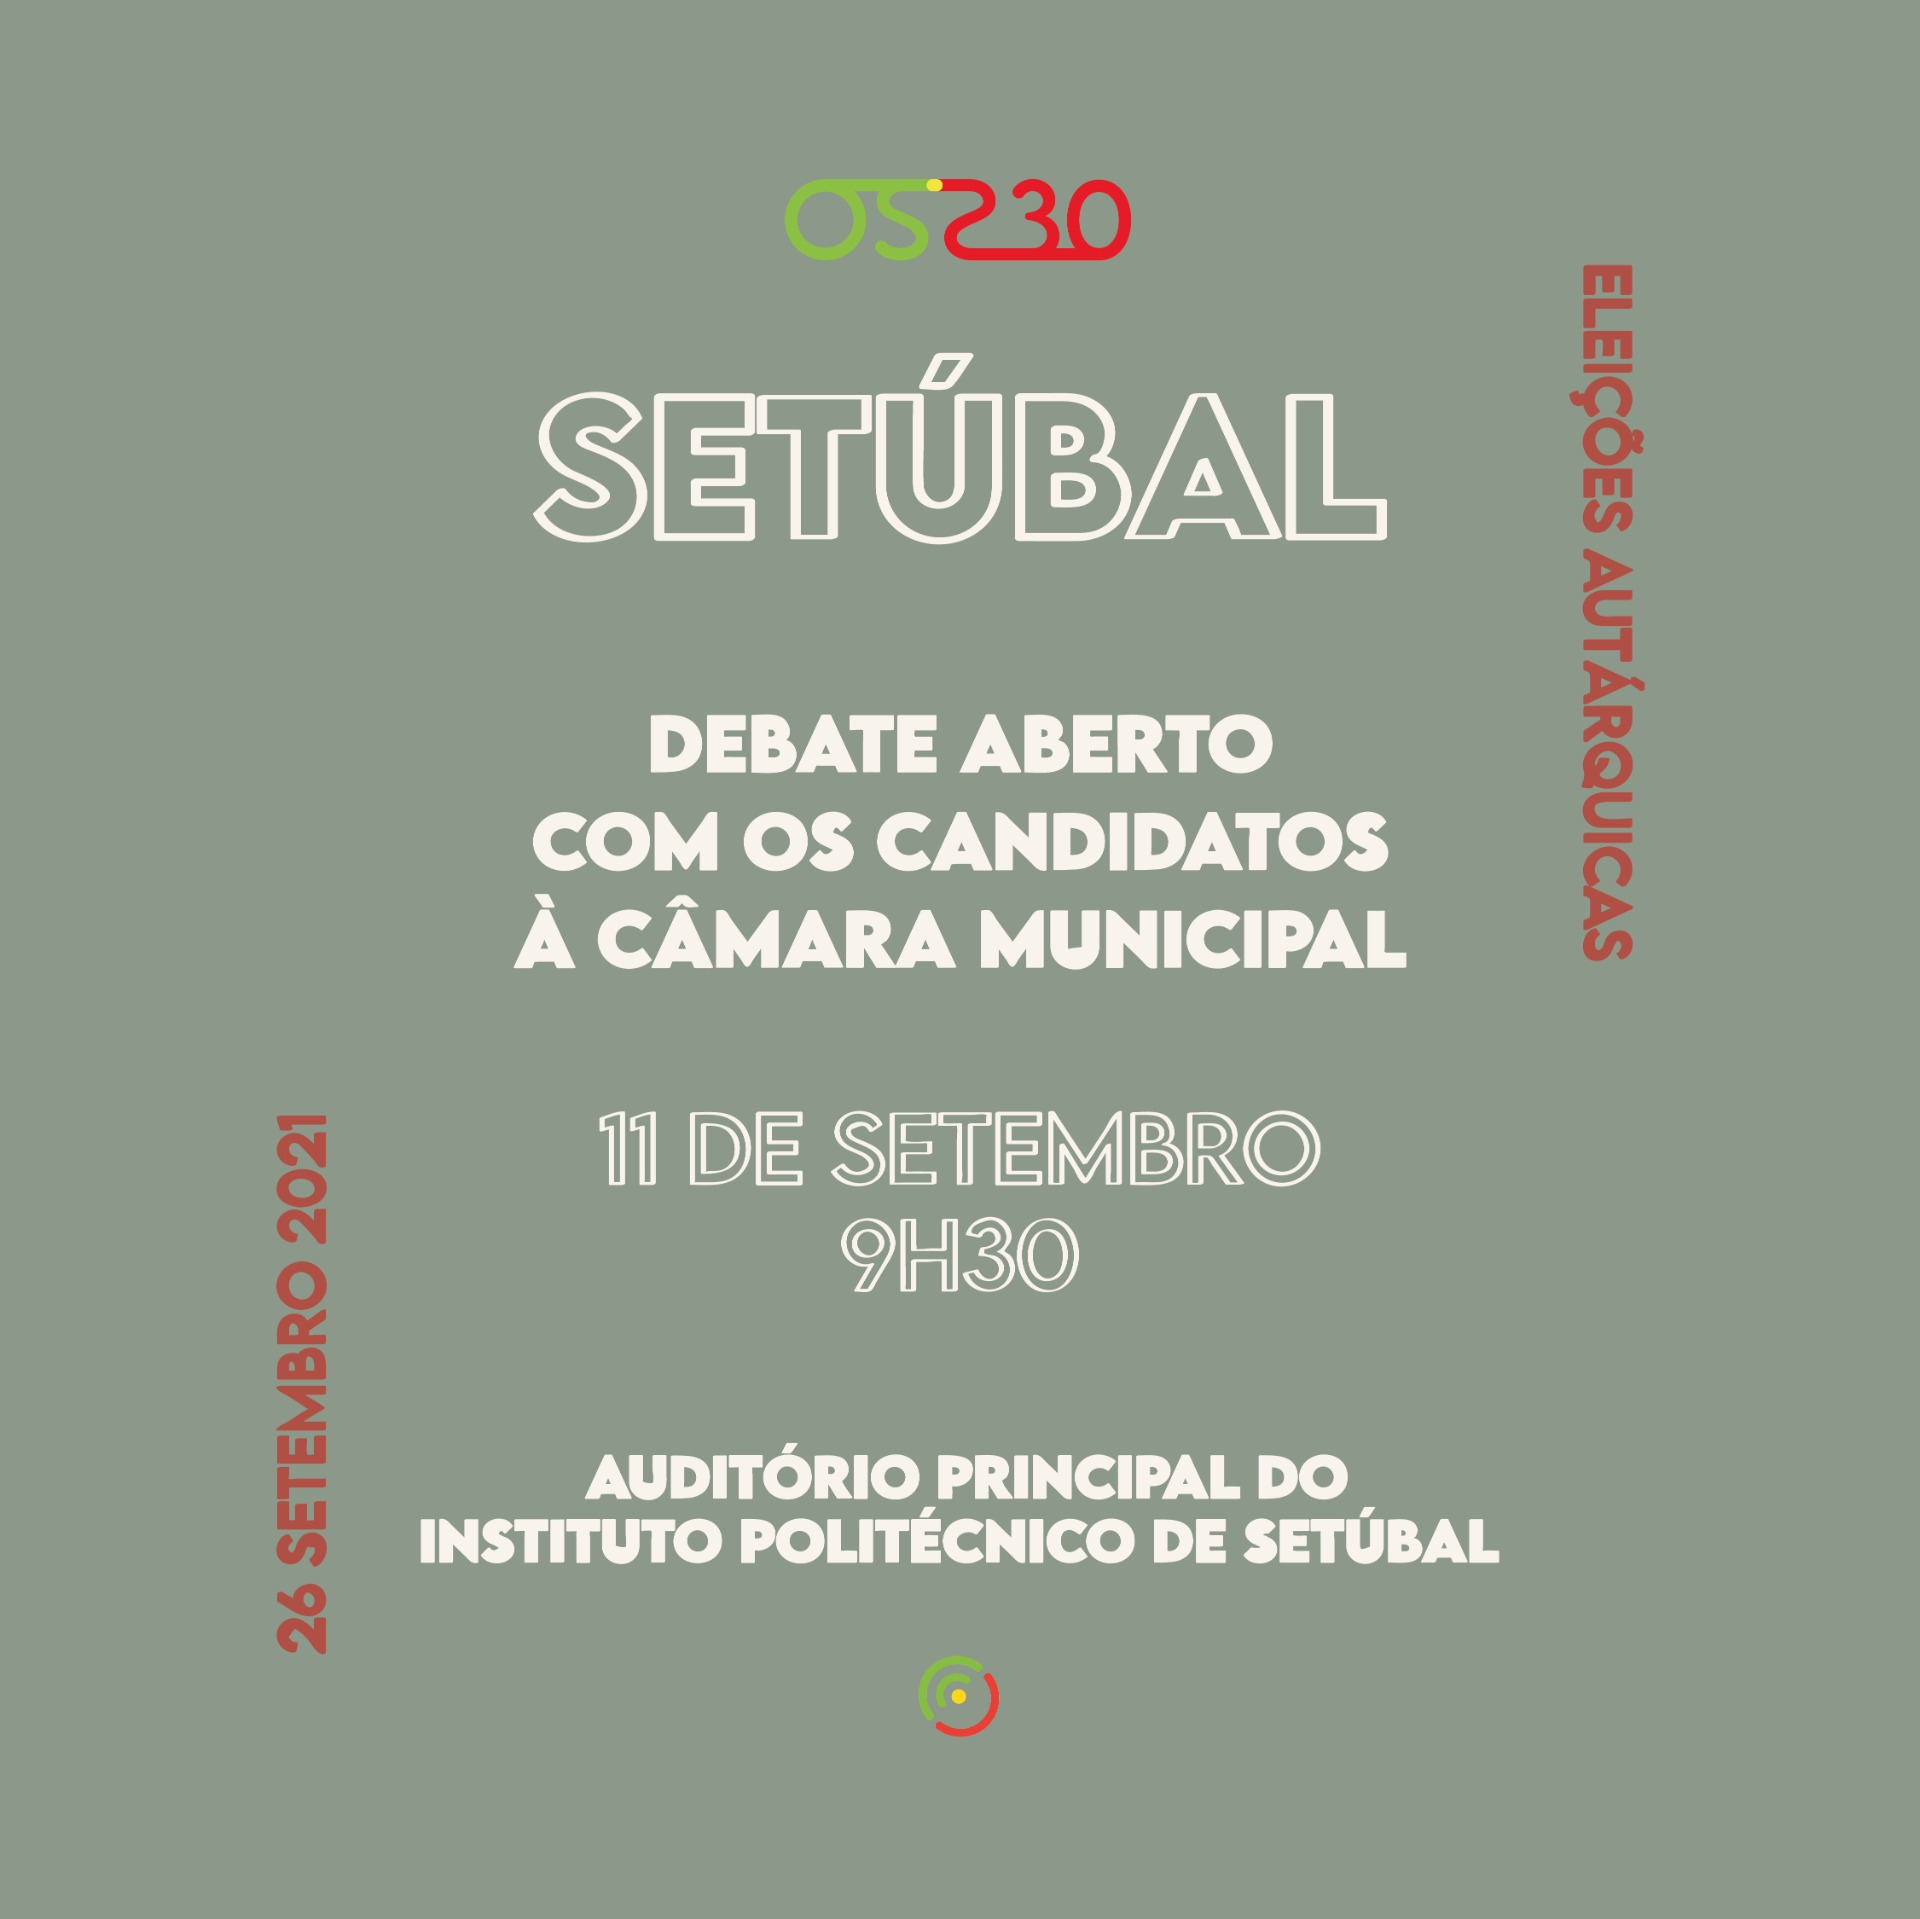 Os 230 promovem debate com os candidatos à Câmara Municipal de Setúbal